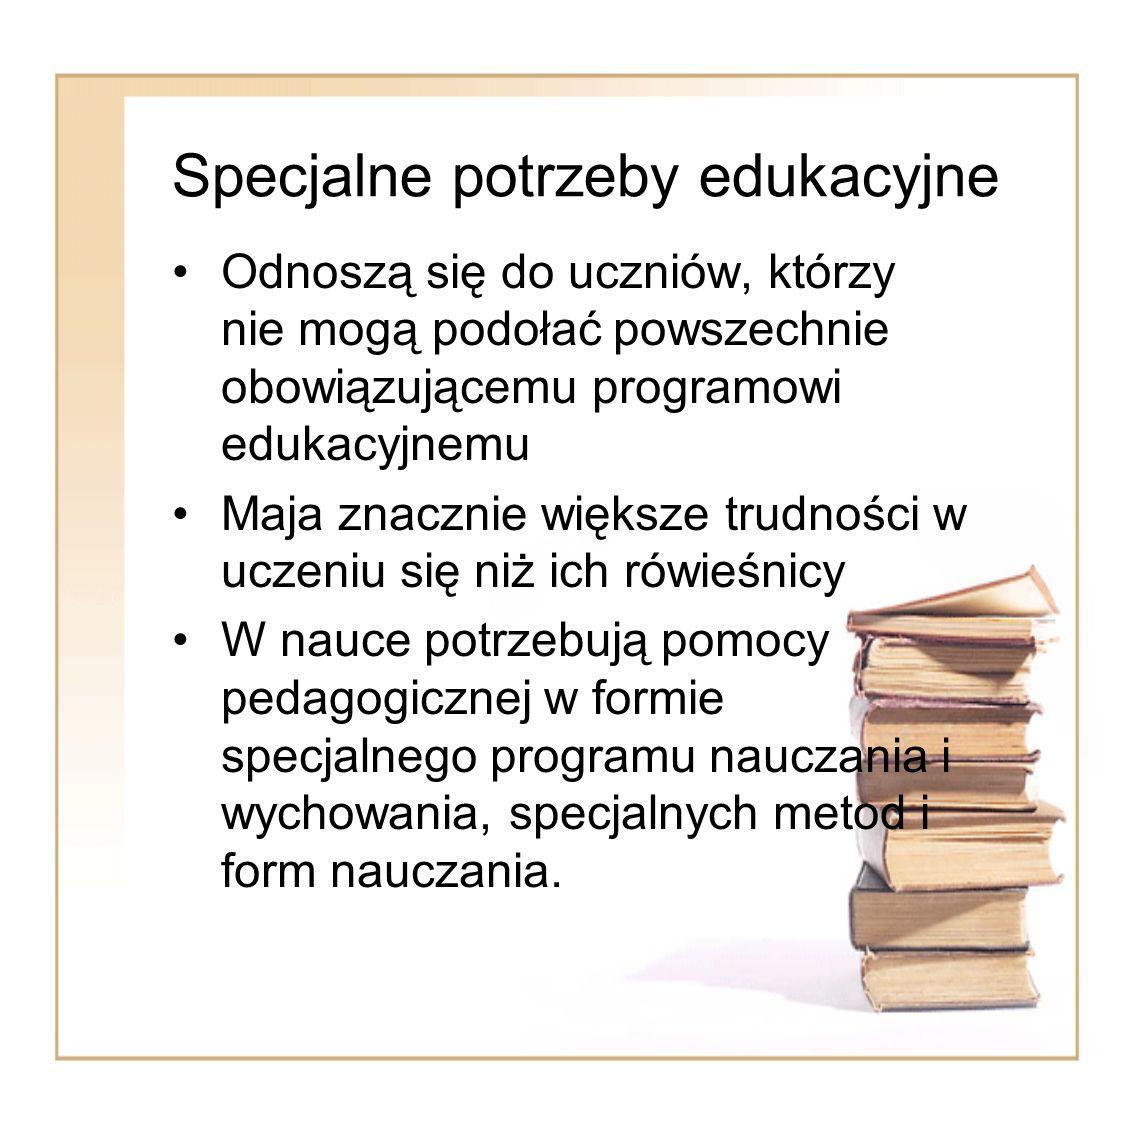 Rozpoznanie potrzeb edukacyjnych Pozwoli na odpowiednie dostosowanie wymagań edukacyjnych : 1.zasad kształcenia 2.metod kształcenia 3.form kształcenia 4.Środki realizacji kształcenia Stworzenie optymalnych warunków do rozwoju intelektualnego i emocjonalnego